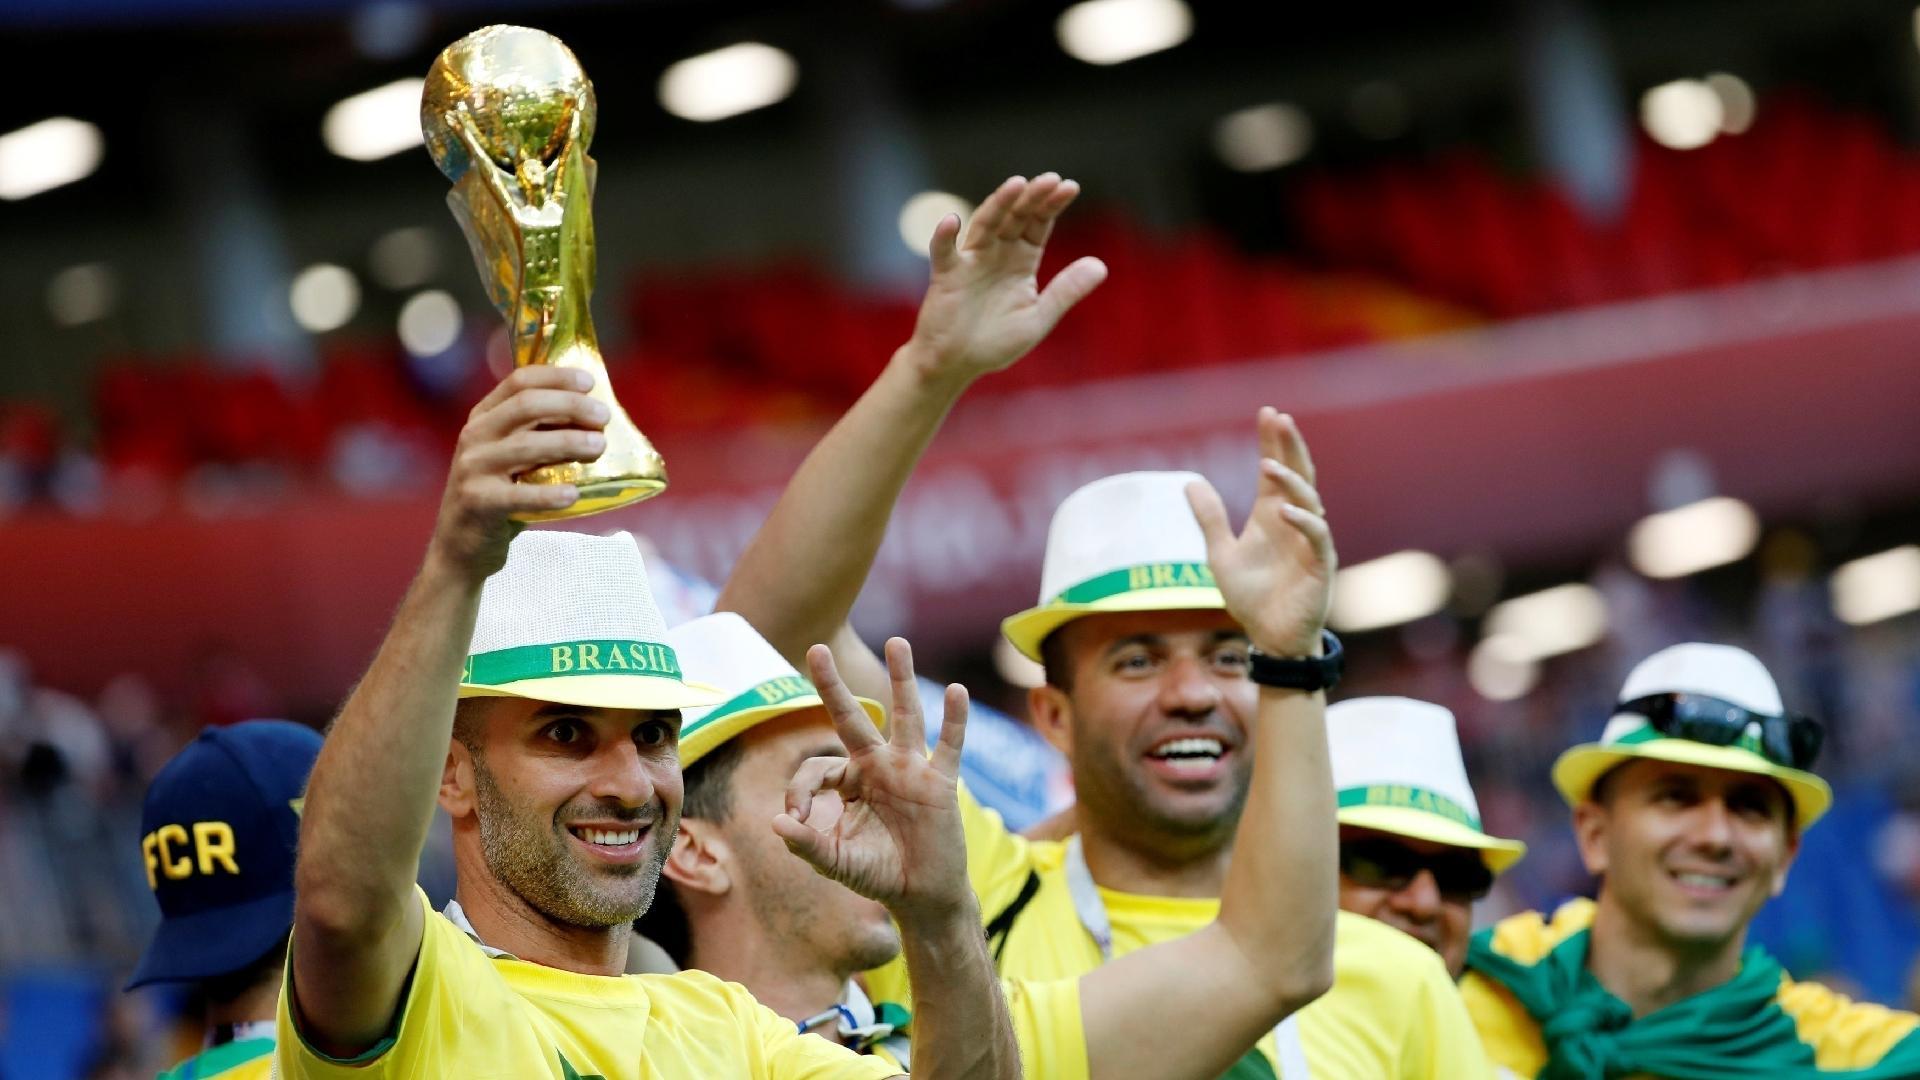 Torcedores exibem taça da Copa do Mundo antes da estreia do Brasil